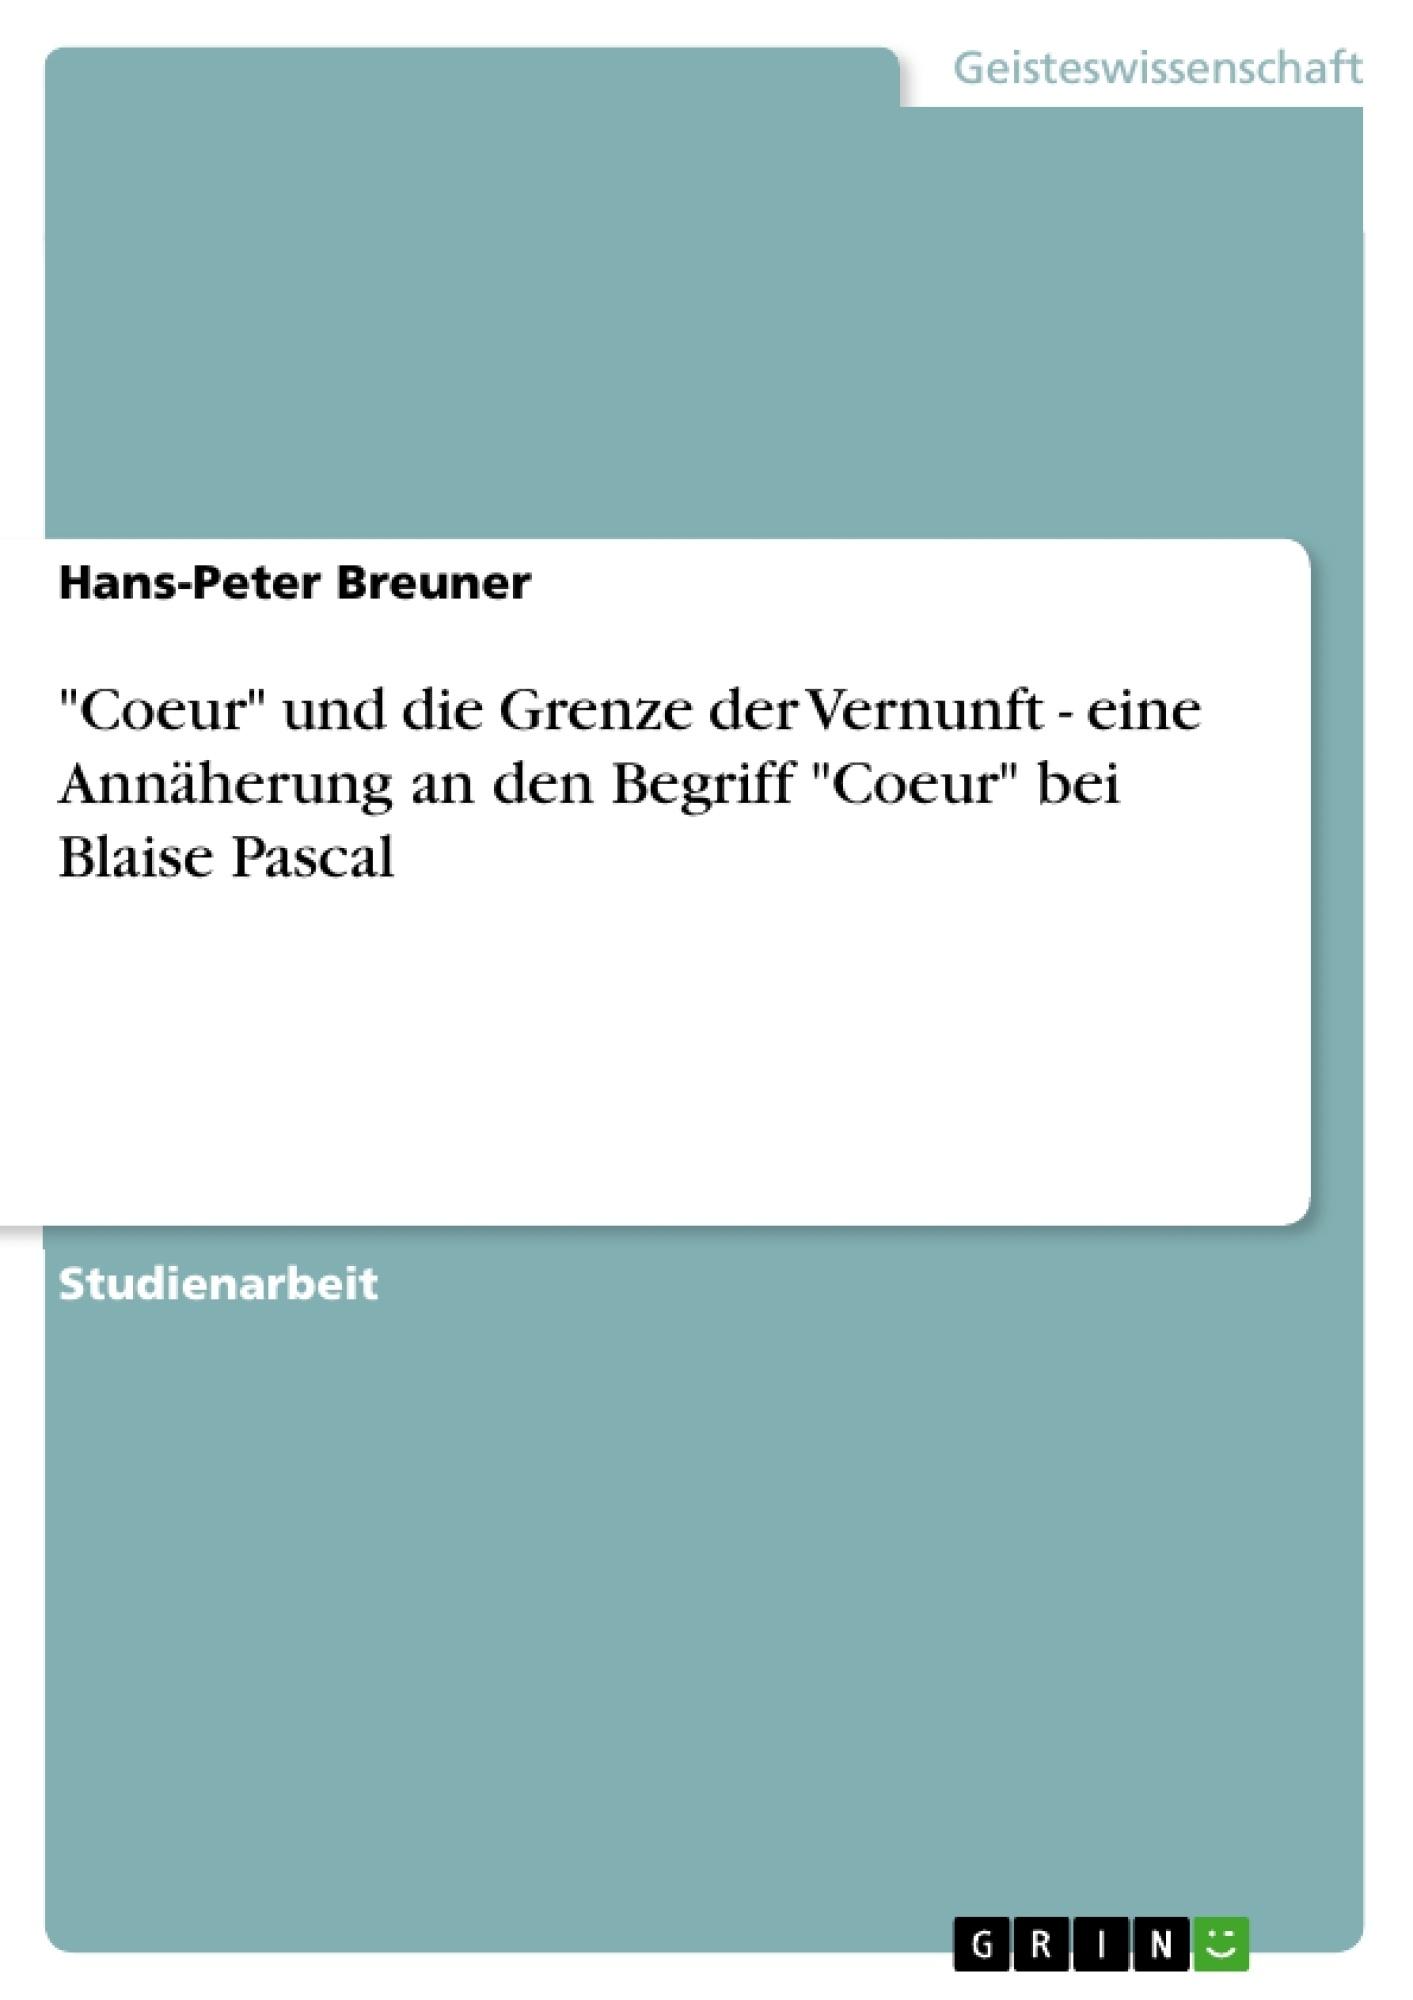 """Titel: """"Coeur"""" und die Grenze der Vernunft - eine Annäherung an den Begriff """"Coeur"""" bei Blaise Pascal"""